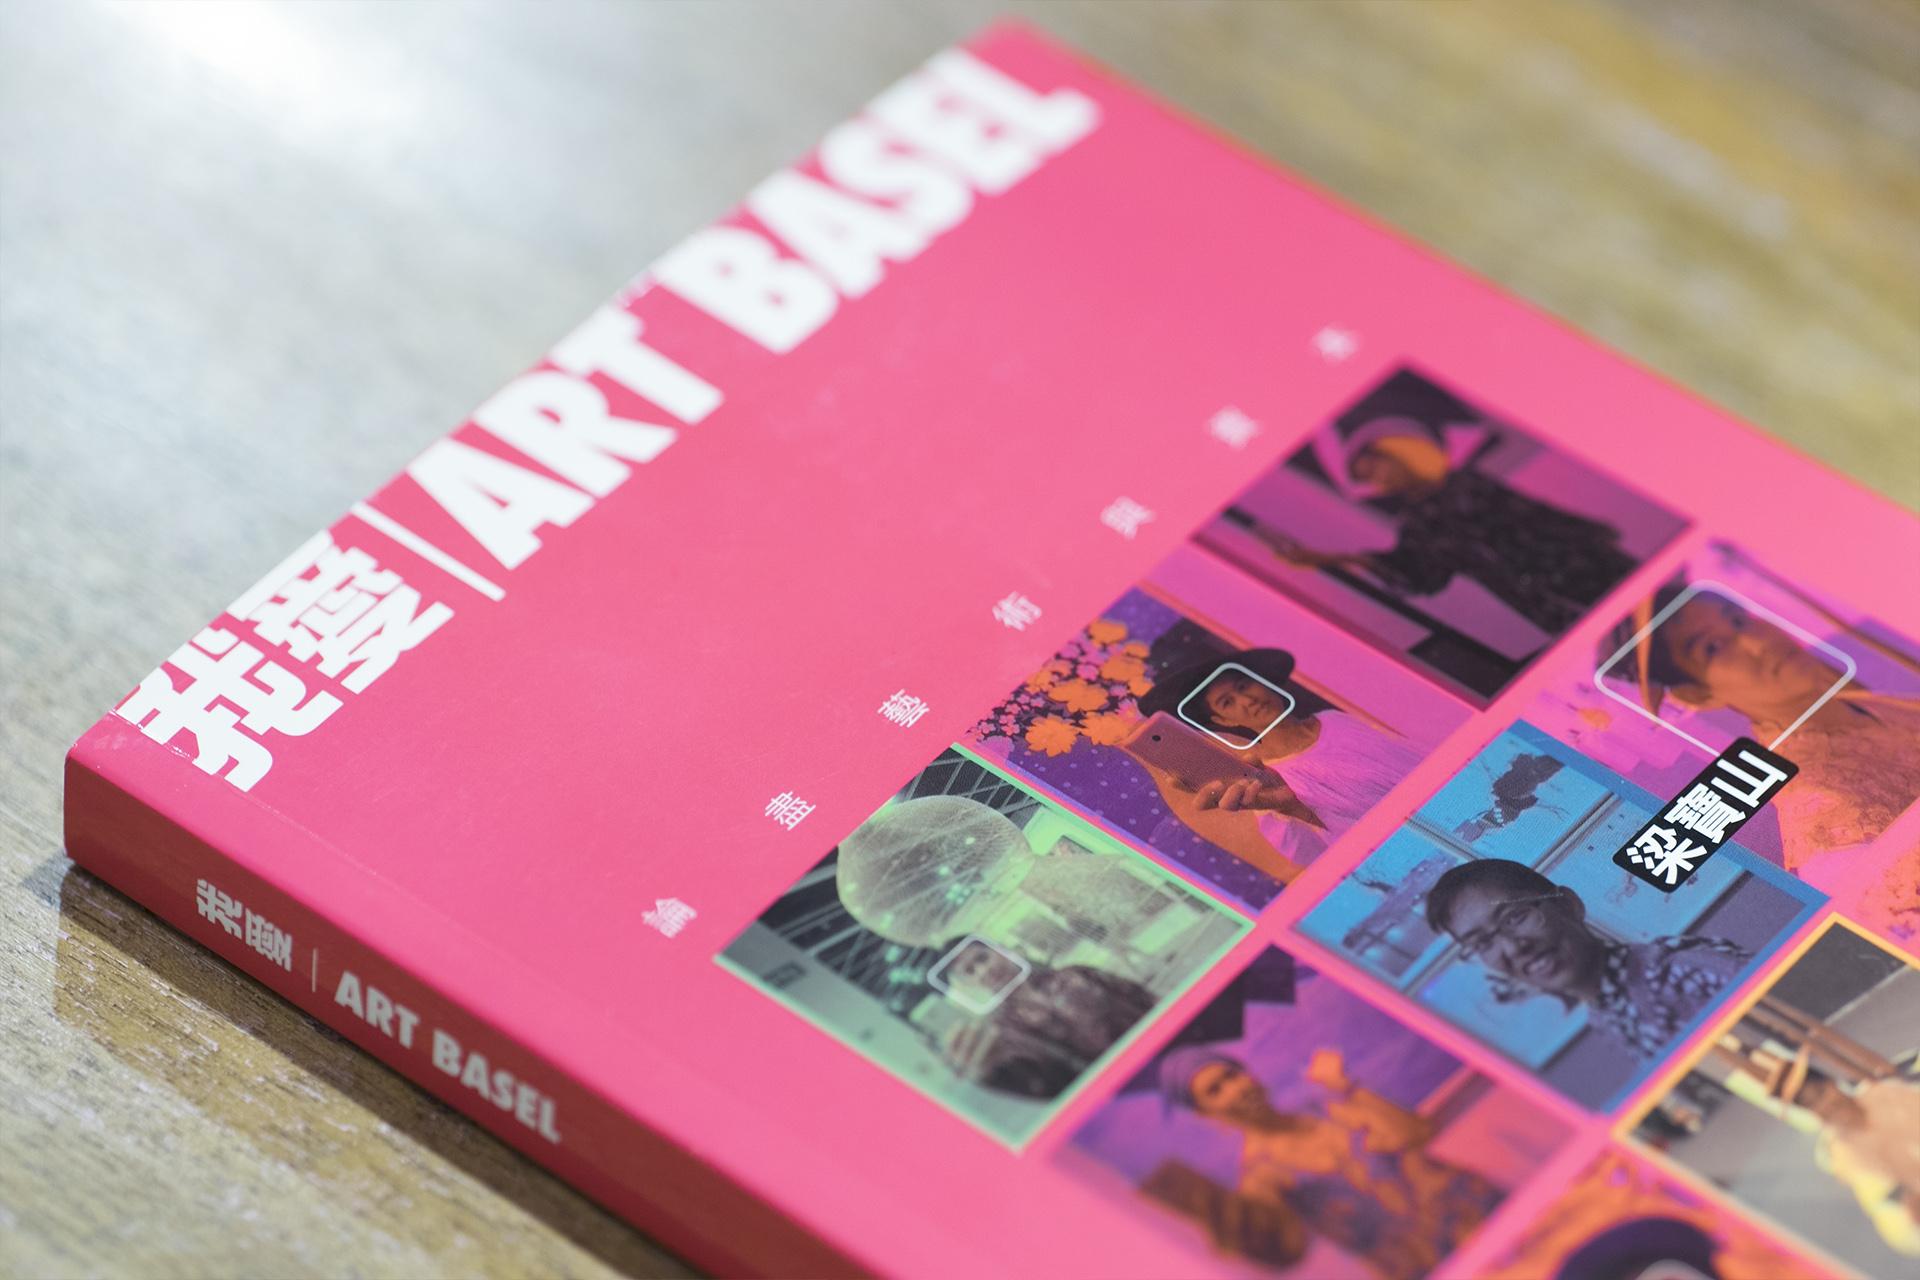 新書《我愛Art Basel》的封面全是自拍照,諷刺去藝博會最重要是打卡!